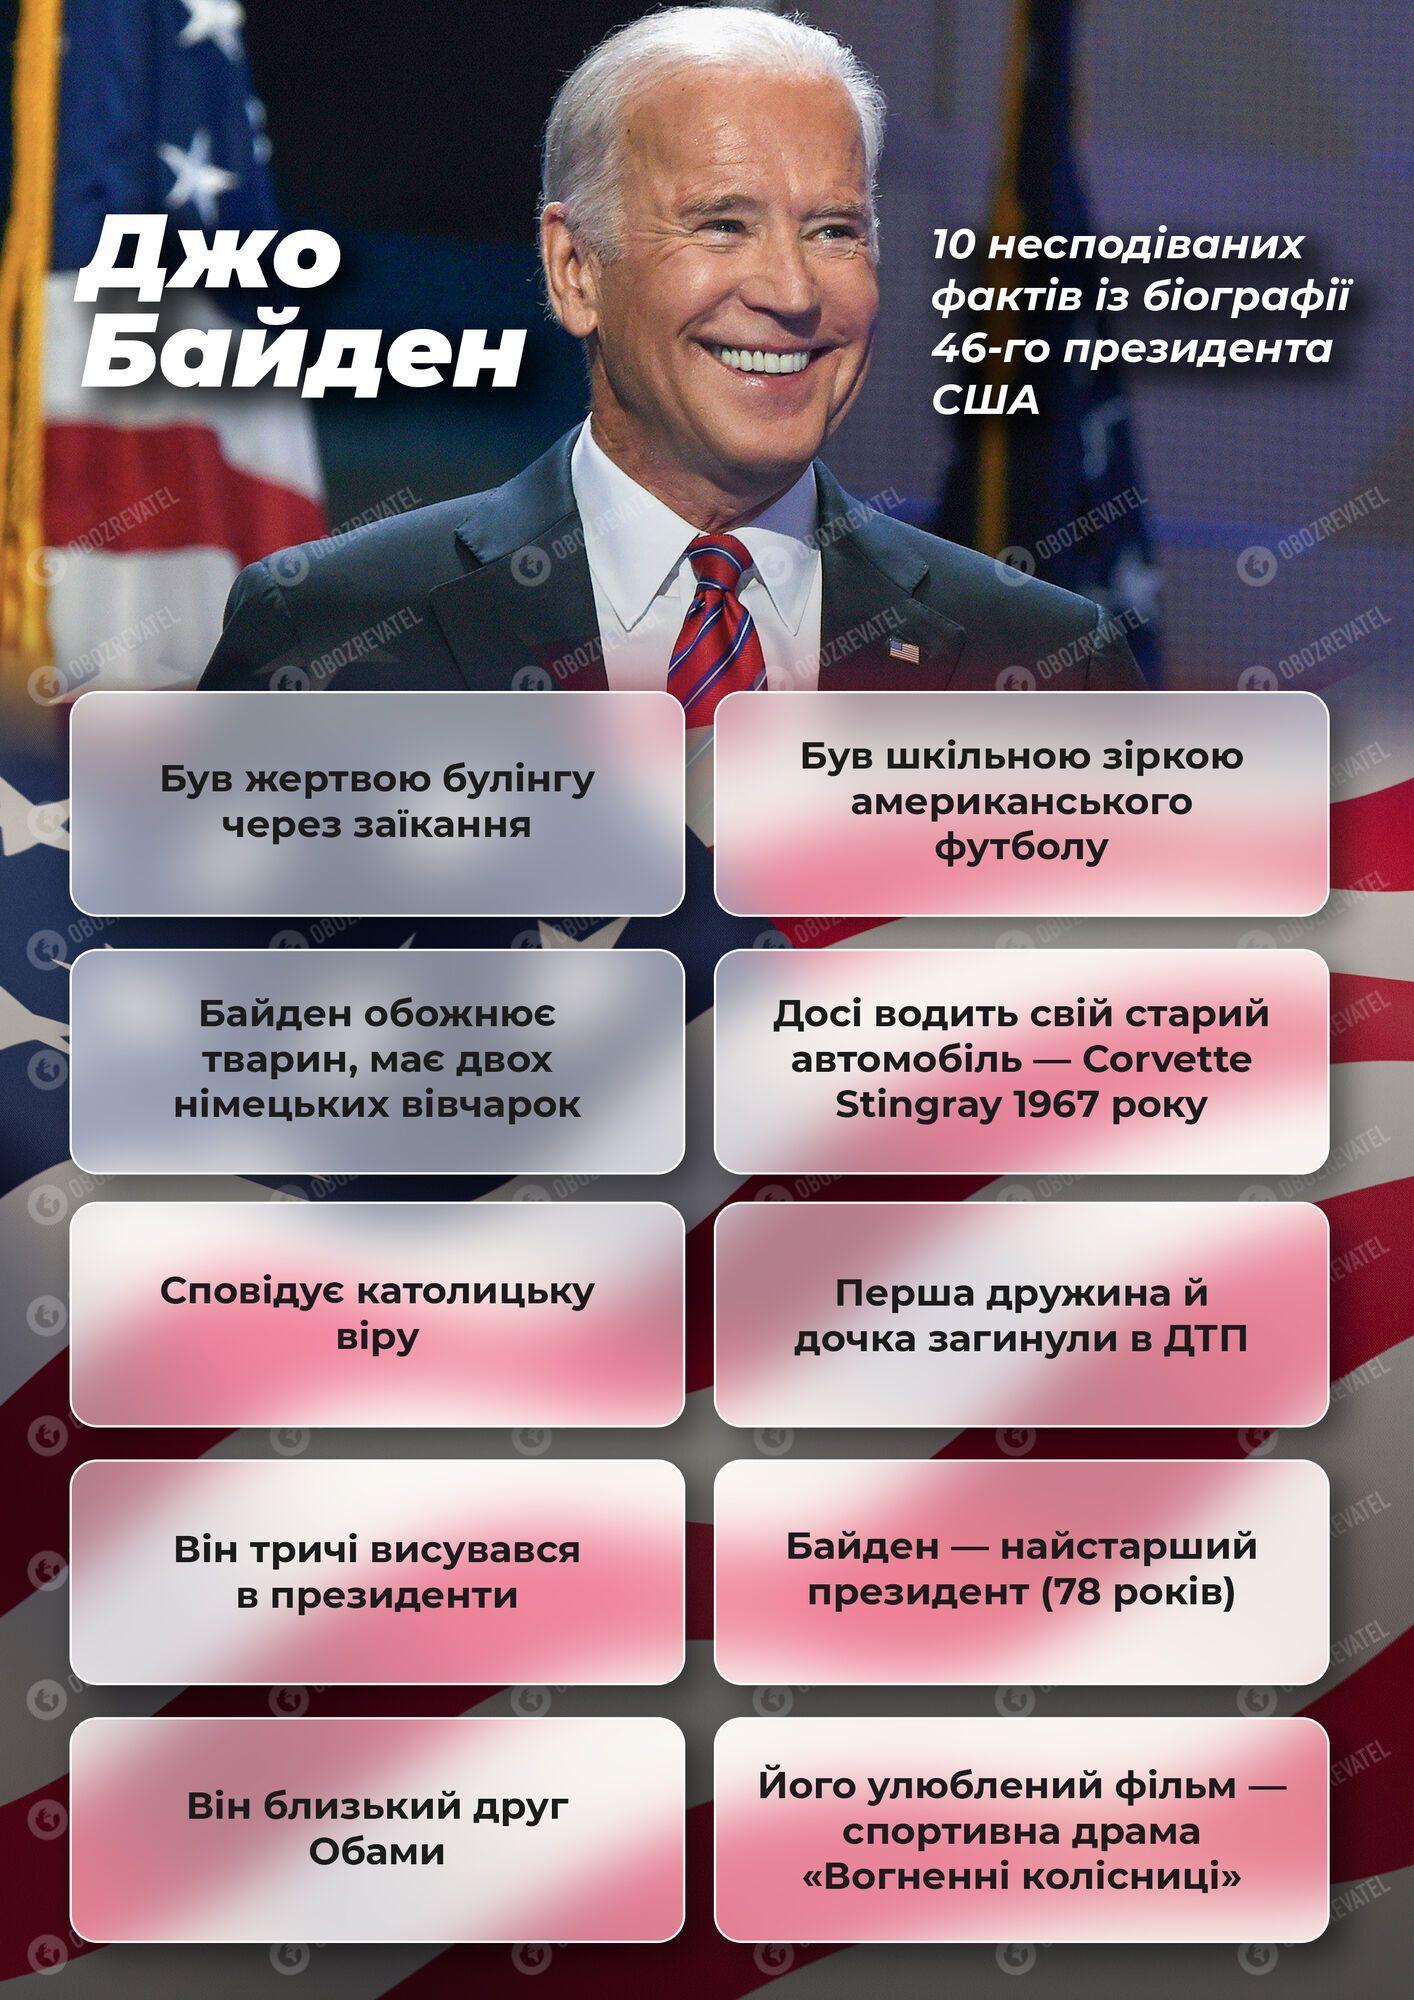 Байден вступил в должность президента США и подписал первые указы: все о дне инаугурации, фото и видео